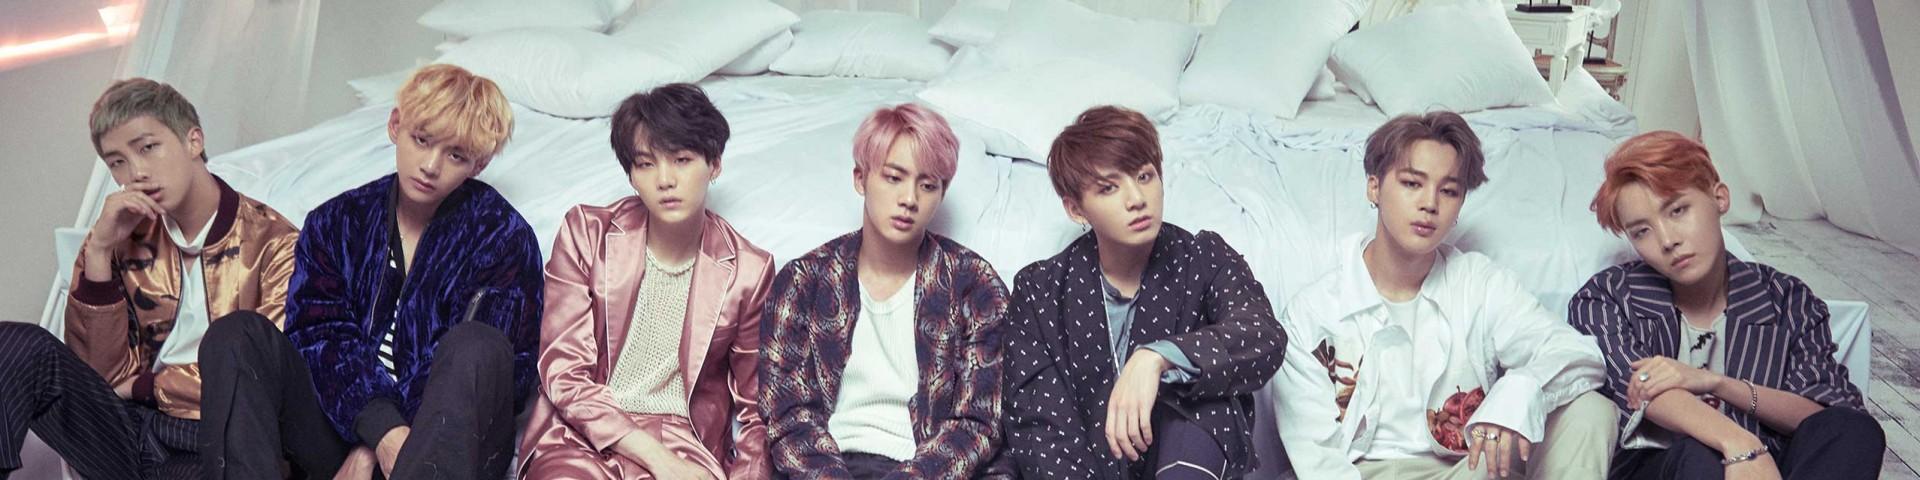 Chi sono i BTS, boyband da record con il cuore d'oro che conquista l'Italia